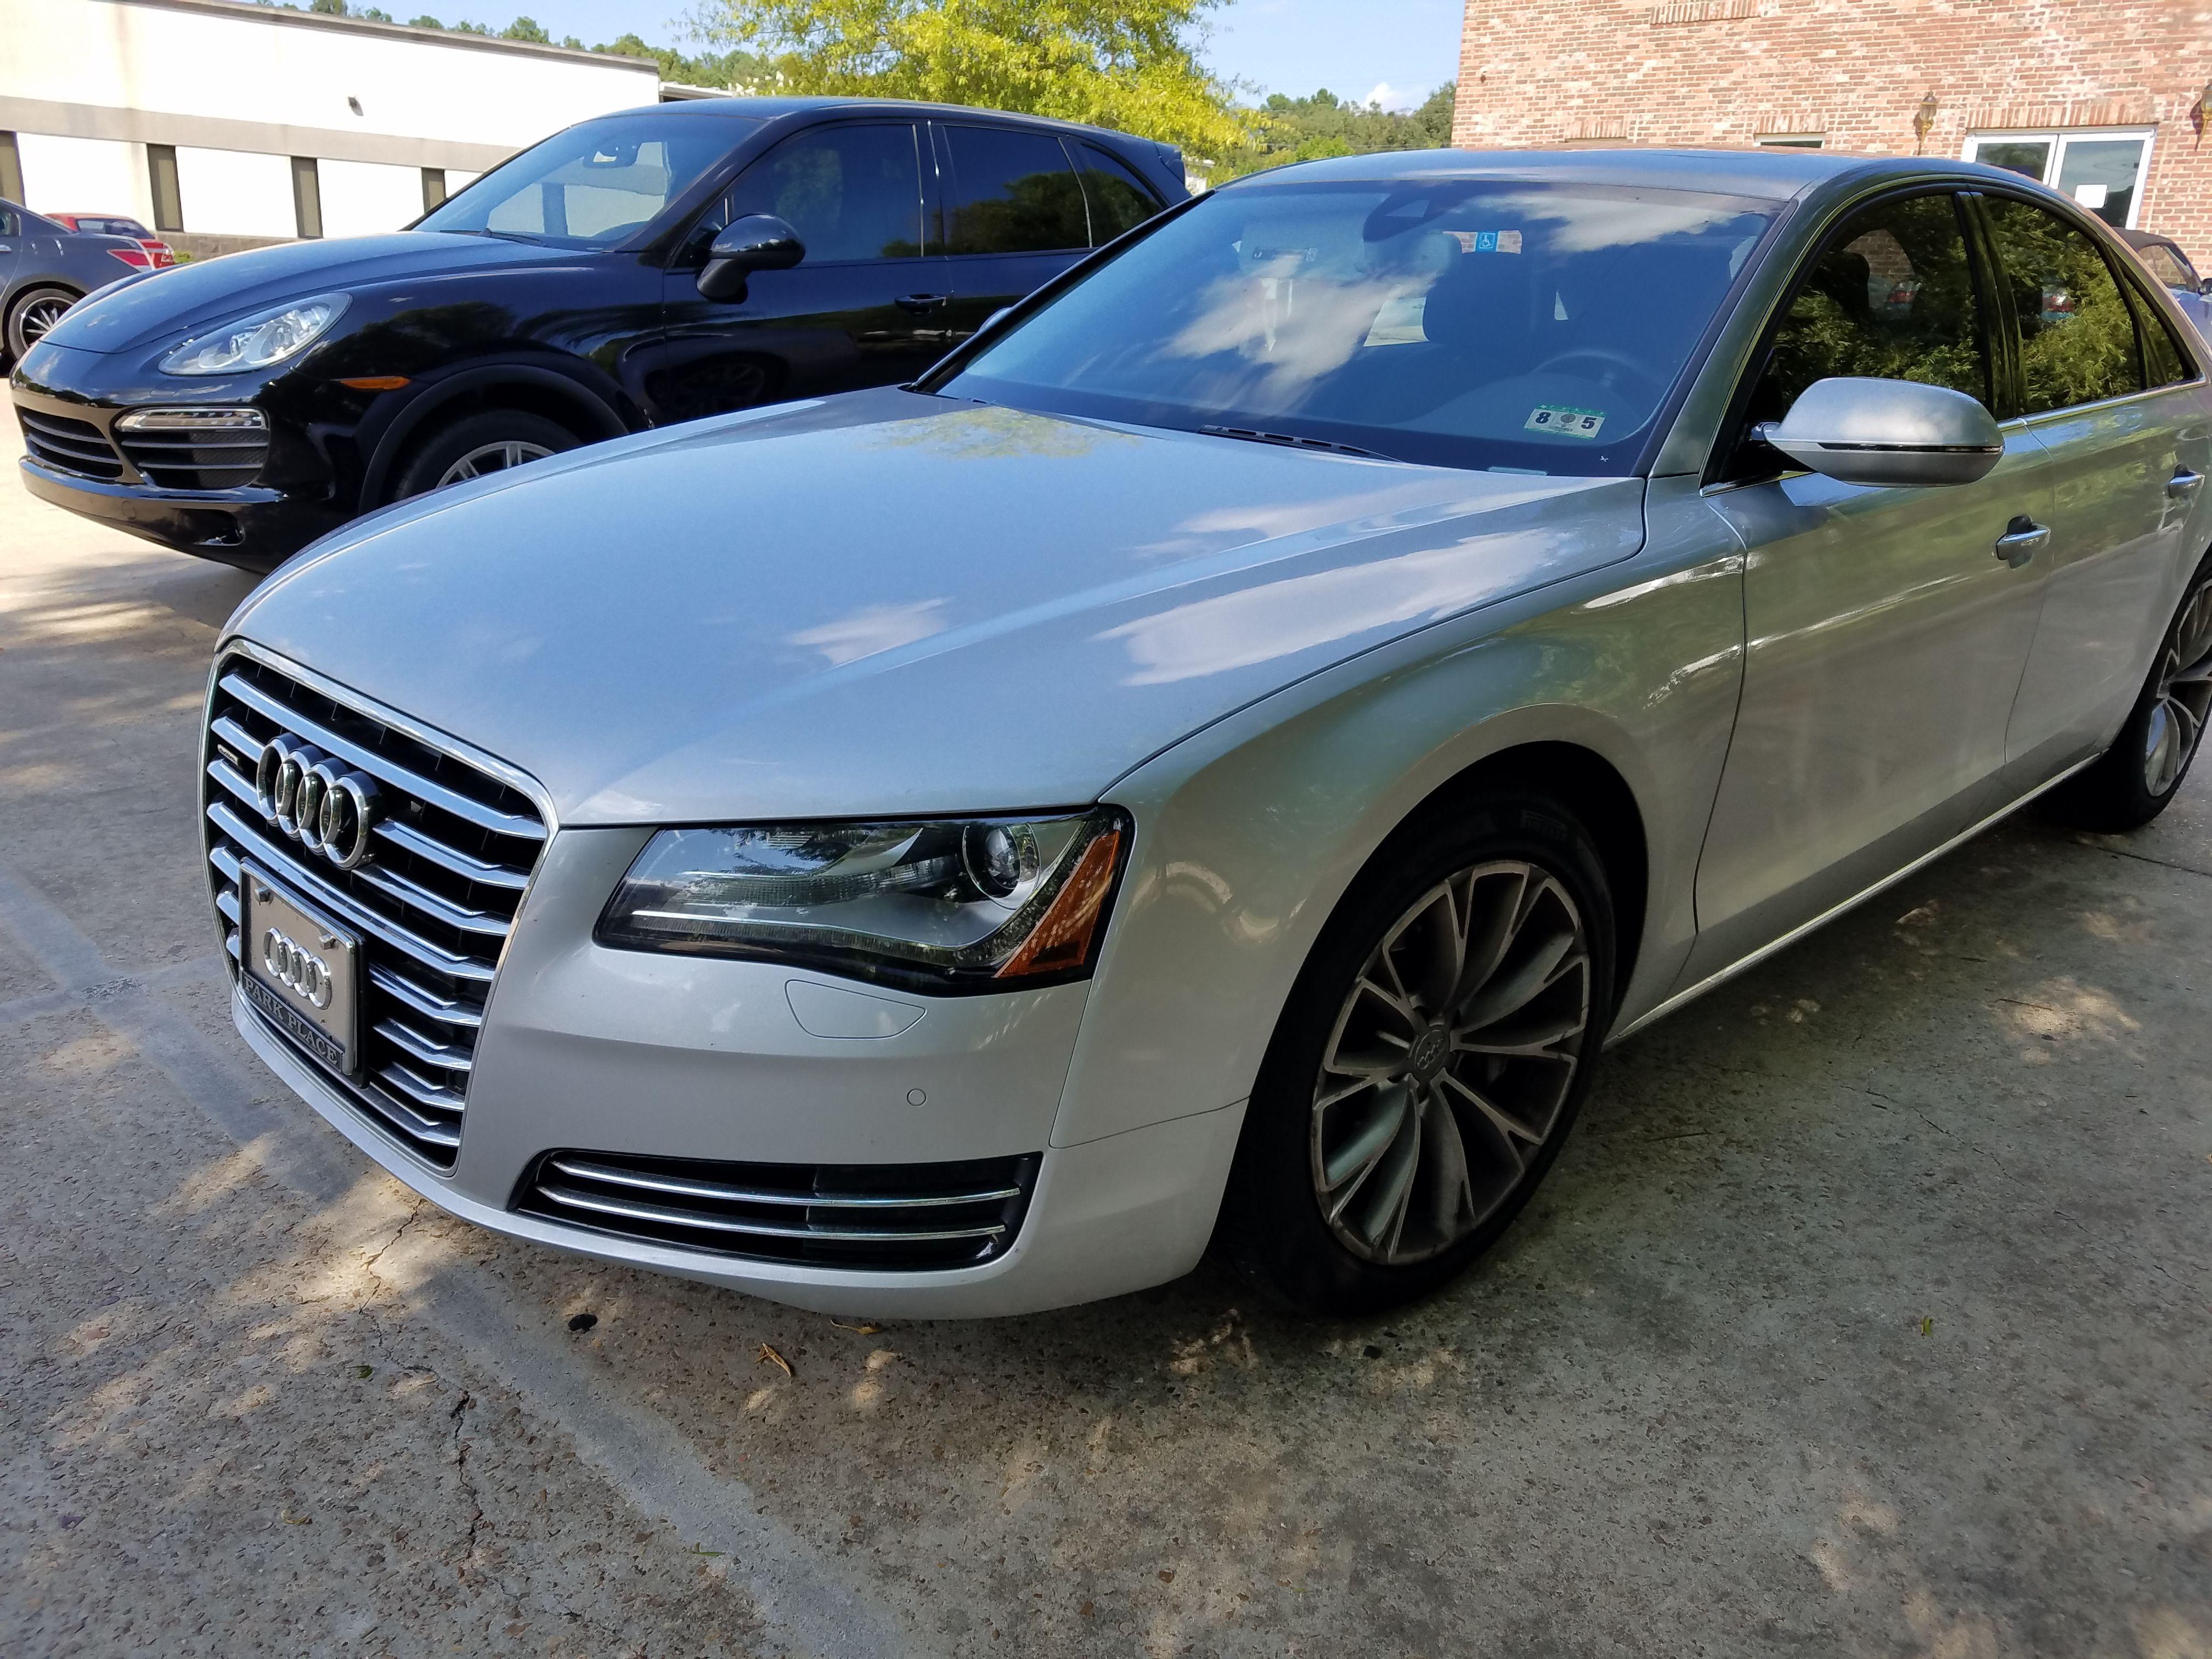 Audi WindowTint Jacksonms Madisonms Ridgelandms Pearlms - Audi jackson ms